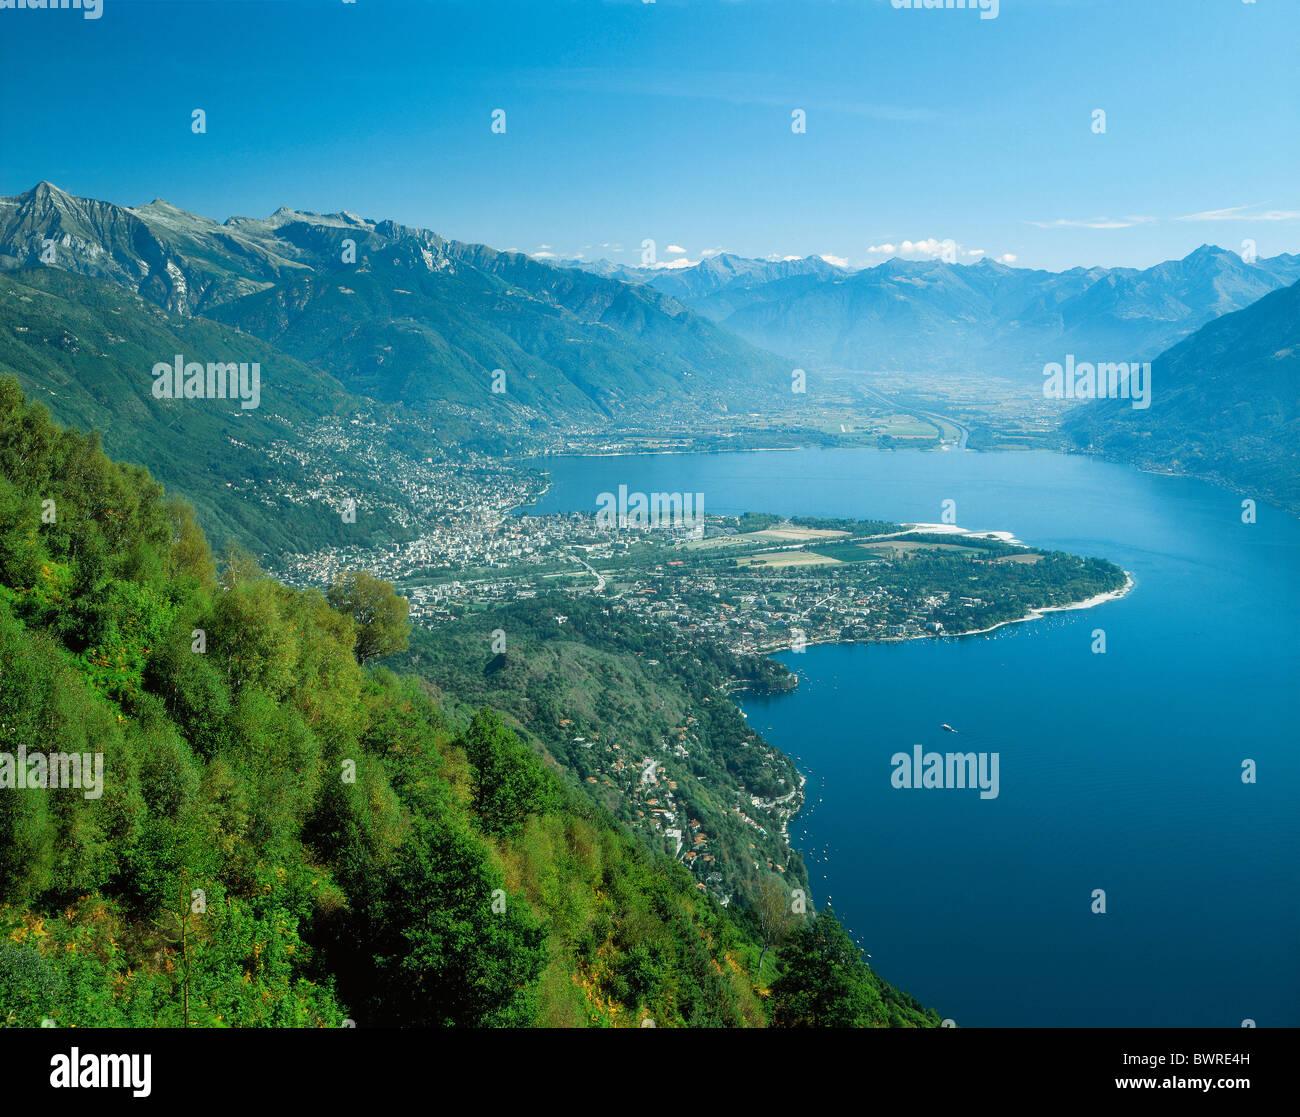 switzerland europe lago maggiore ascona locarno canton. Black Bedroom Furniture Sets. Home Design Ideas